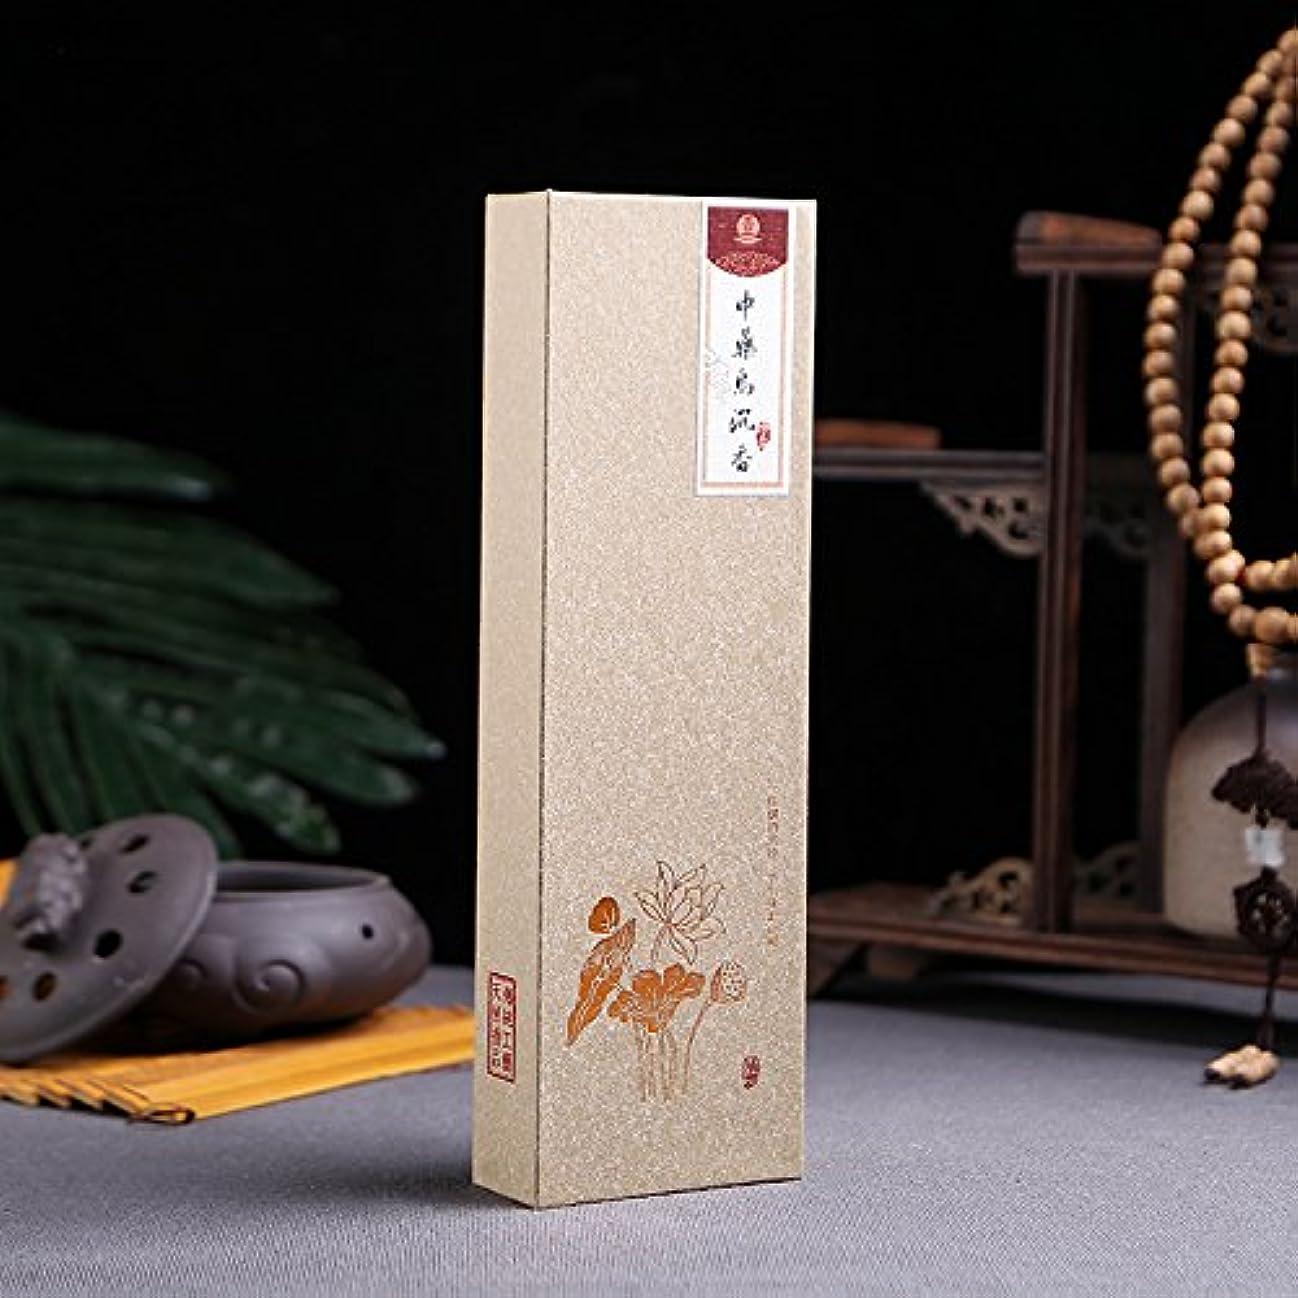 慢性的公平な学習者Diatems - Rongmu Shenlanxiang香卸売100歳の山よもぎ箱入り香のギフトボックス白檀[4]